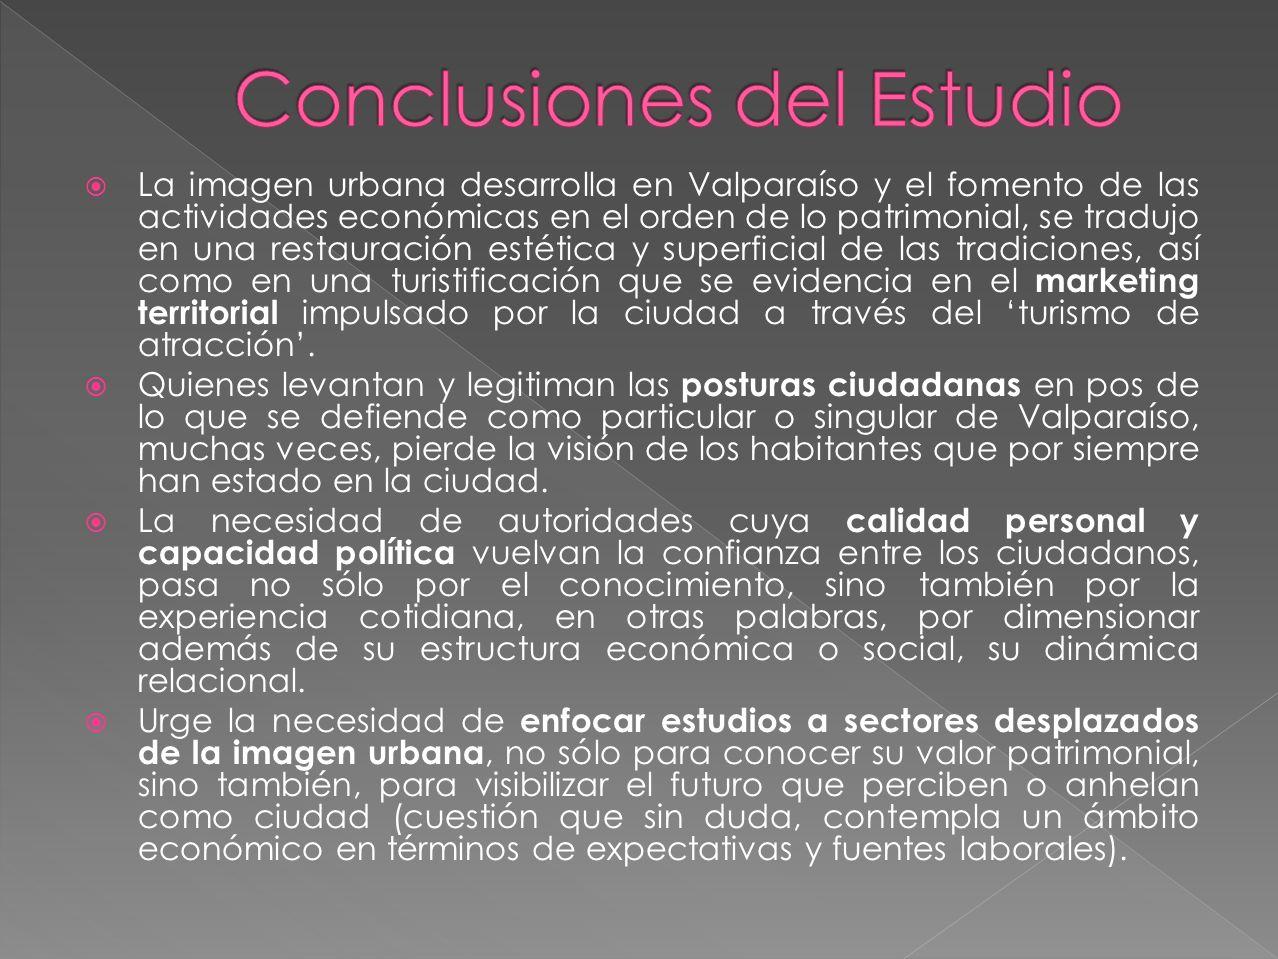 La imagen urbana desarrolla en Valparaíso y el fomento de las actividades económicas en el orden de lo patrimonial, se tradujo en una restauración estética y superficial de las tradiciones, así como en una turistificación que se evidencia en el marketing territorial impulsado por la ciudad a través del turismo de atracción.